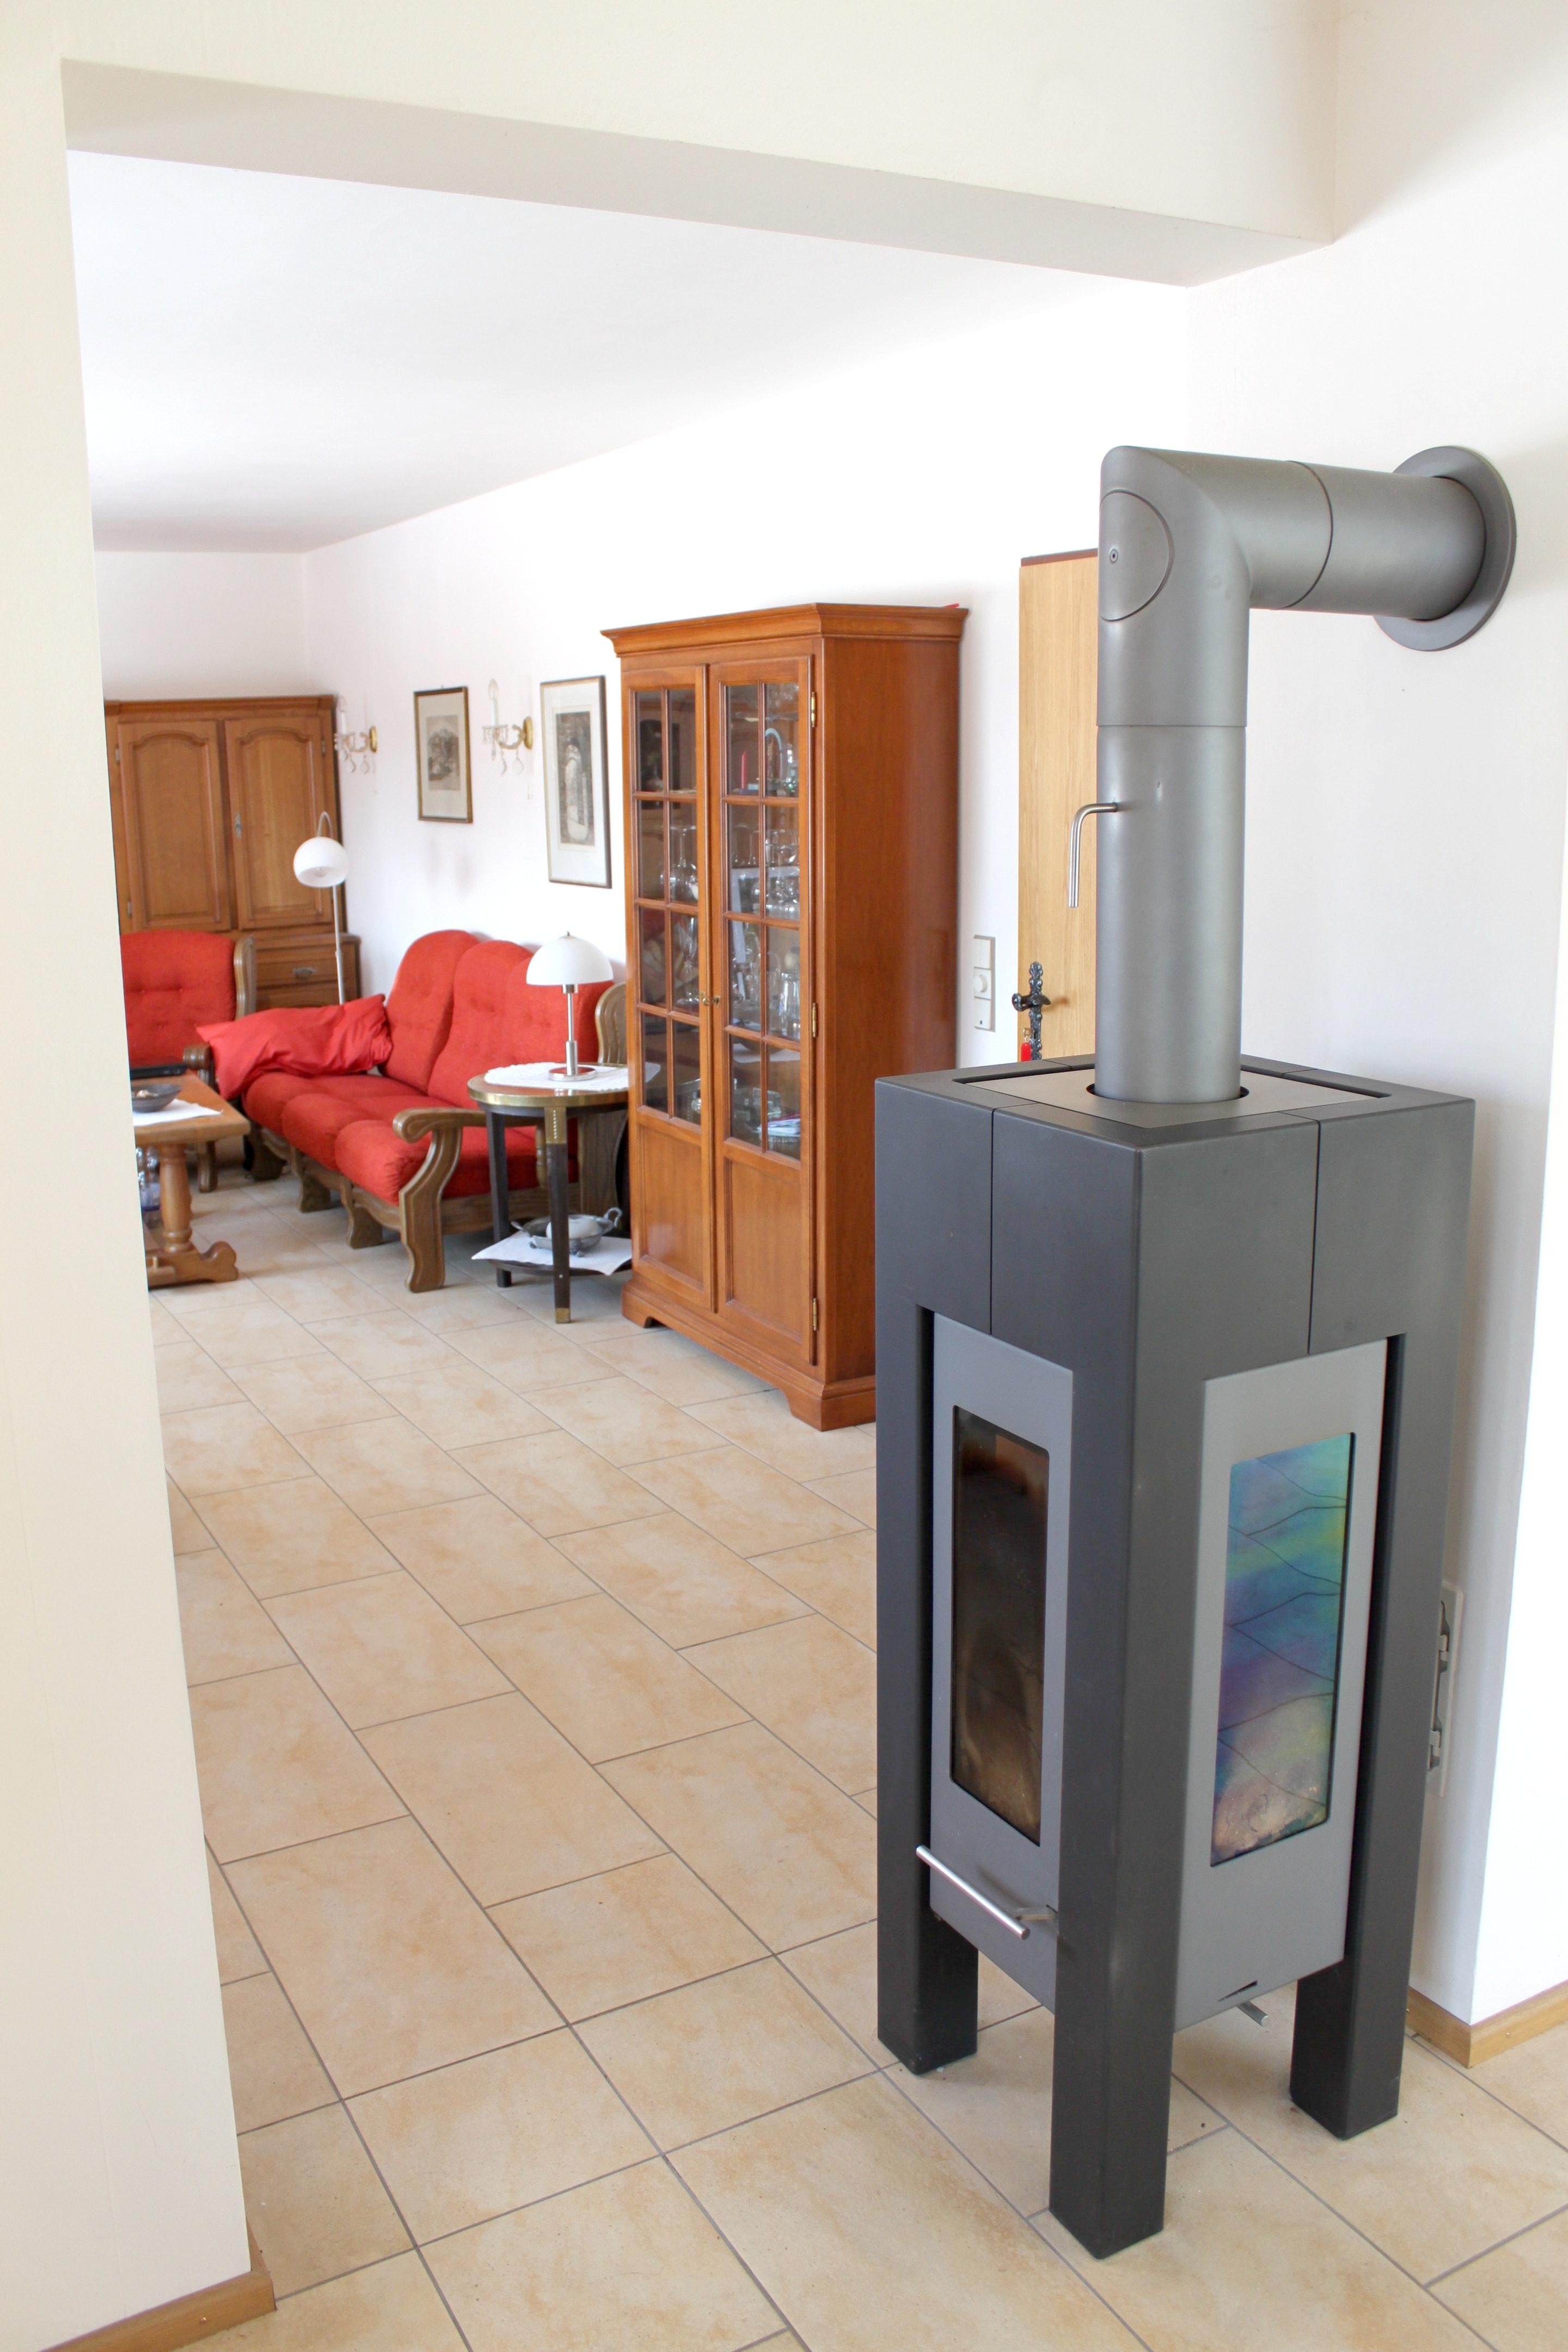 Wohnung mit 2 Schlafzimmern in Dahlem mit möb Ferienwohnung in der Eifel